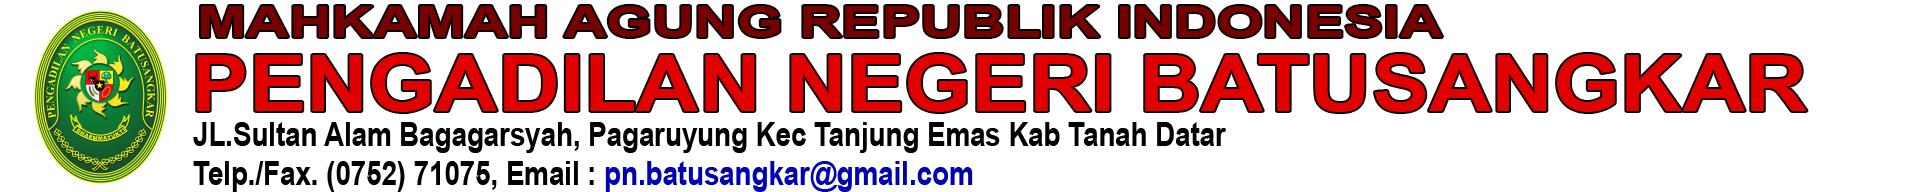 Pengadilan Negeri Batusangkar